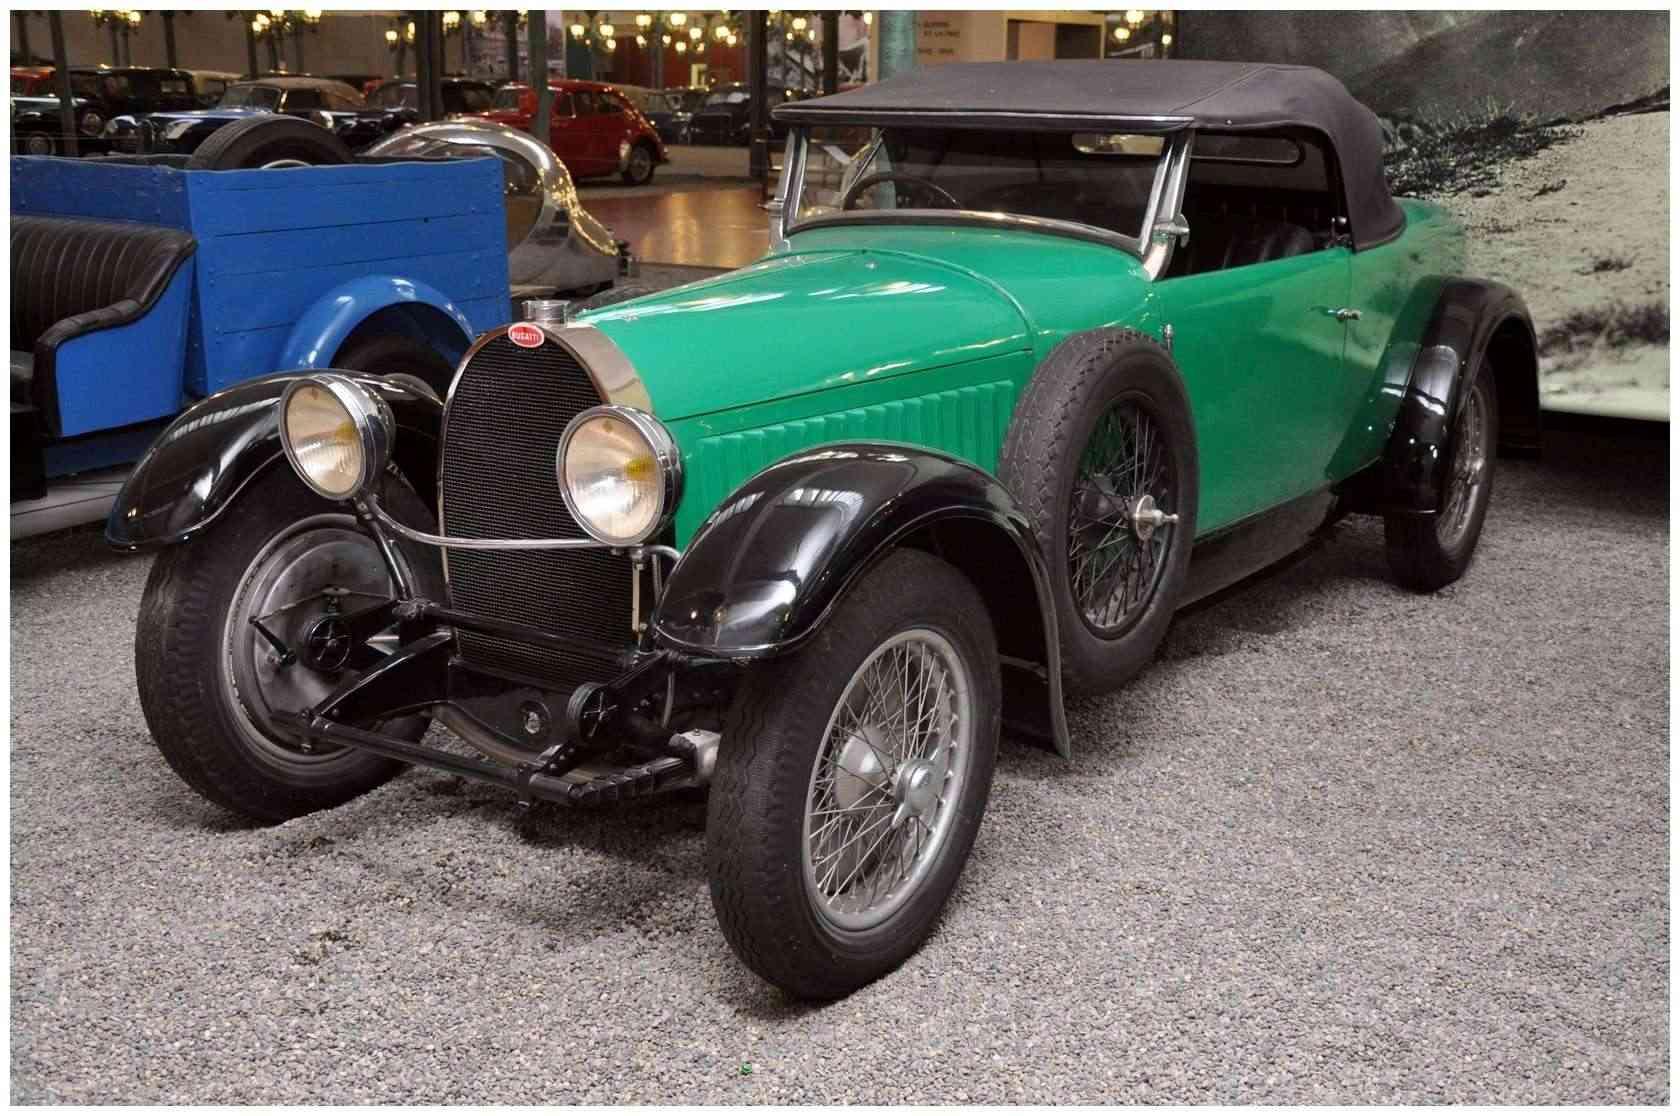 Mulhouse: La Cité de l' automobile, the largest car museum in the world. Bugatt16